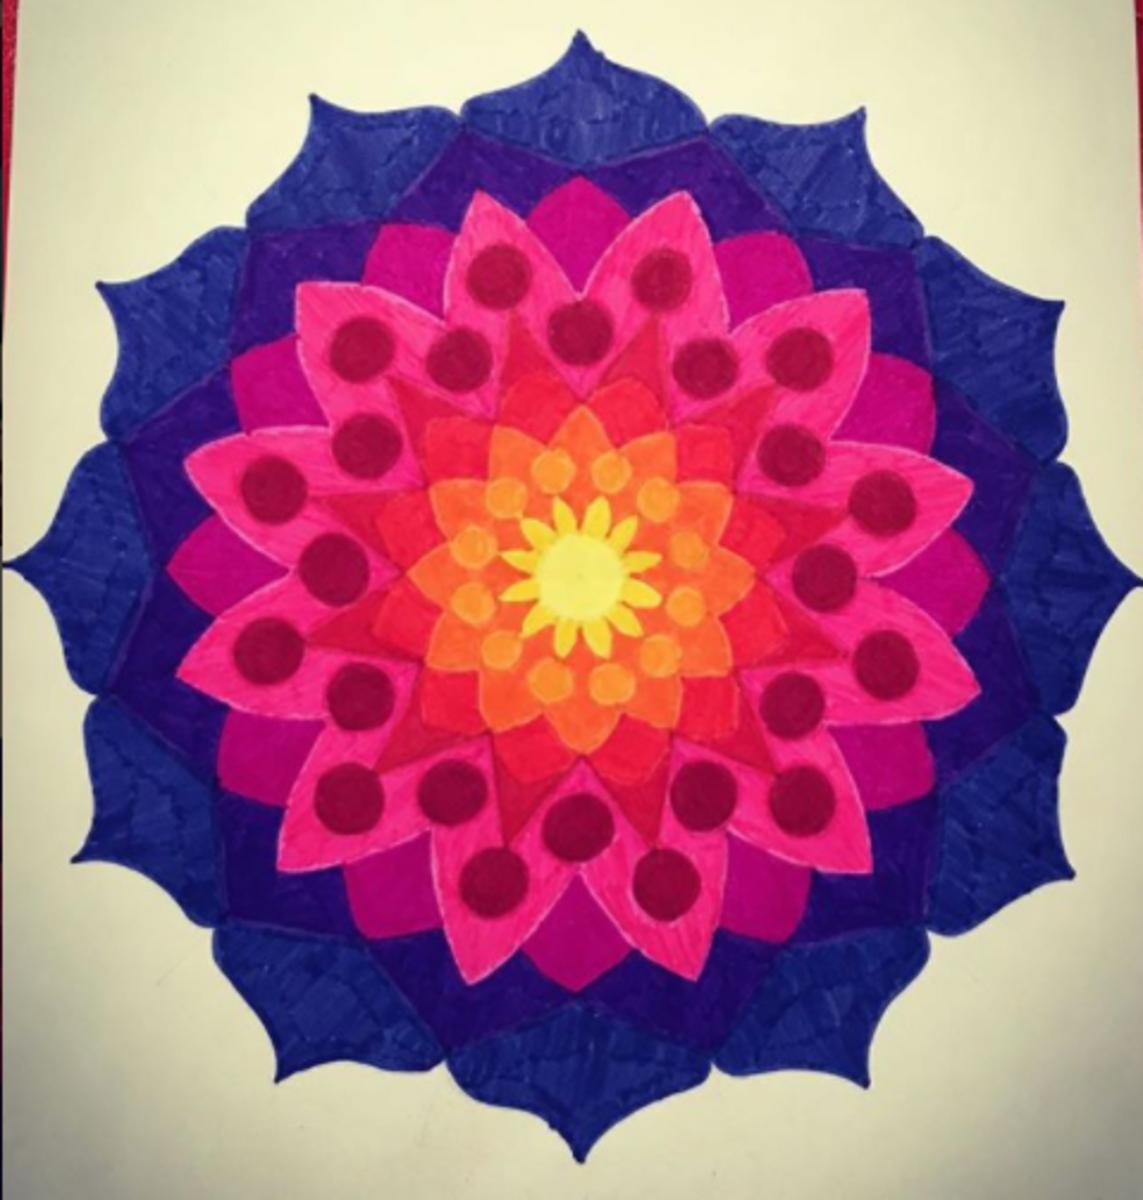 A Simple Mandala